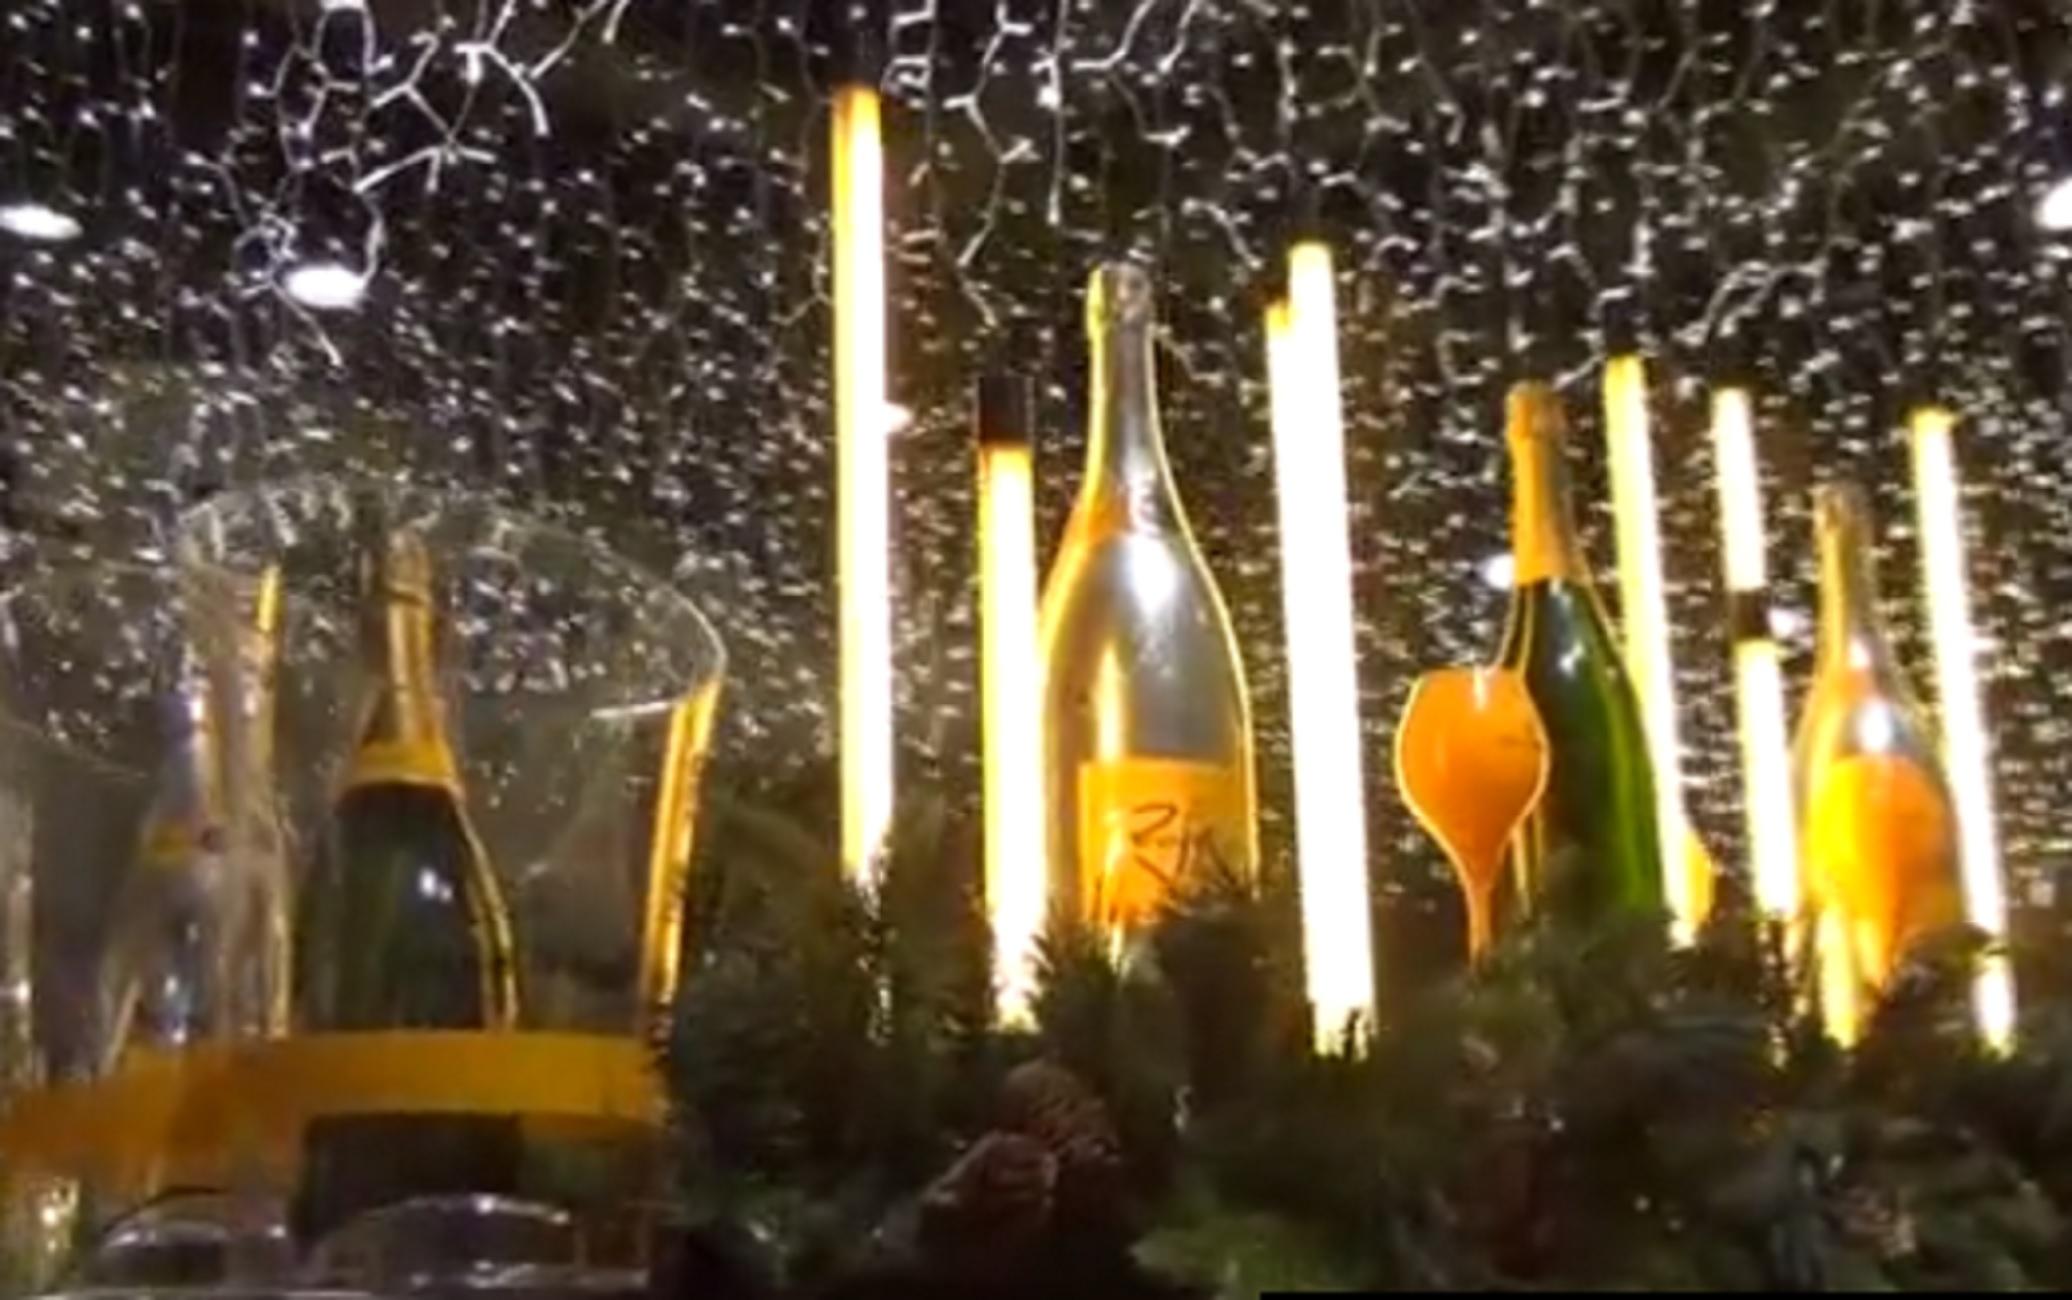 Μύκονος: Εκπληκτικός χριστουγεννιάτικος στολισμός σε σούπερ μάρκετ! Δείτε τις εικόνες που μαγεύουν (Βίντεο)